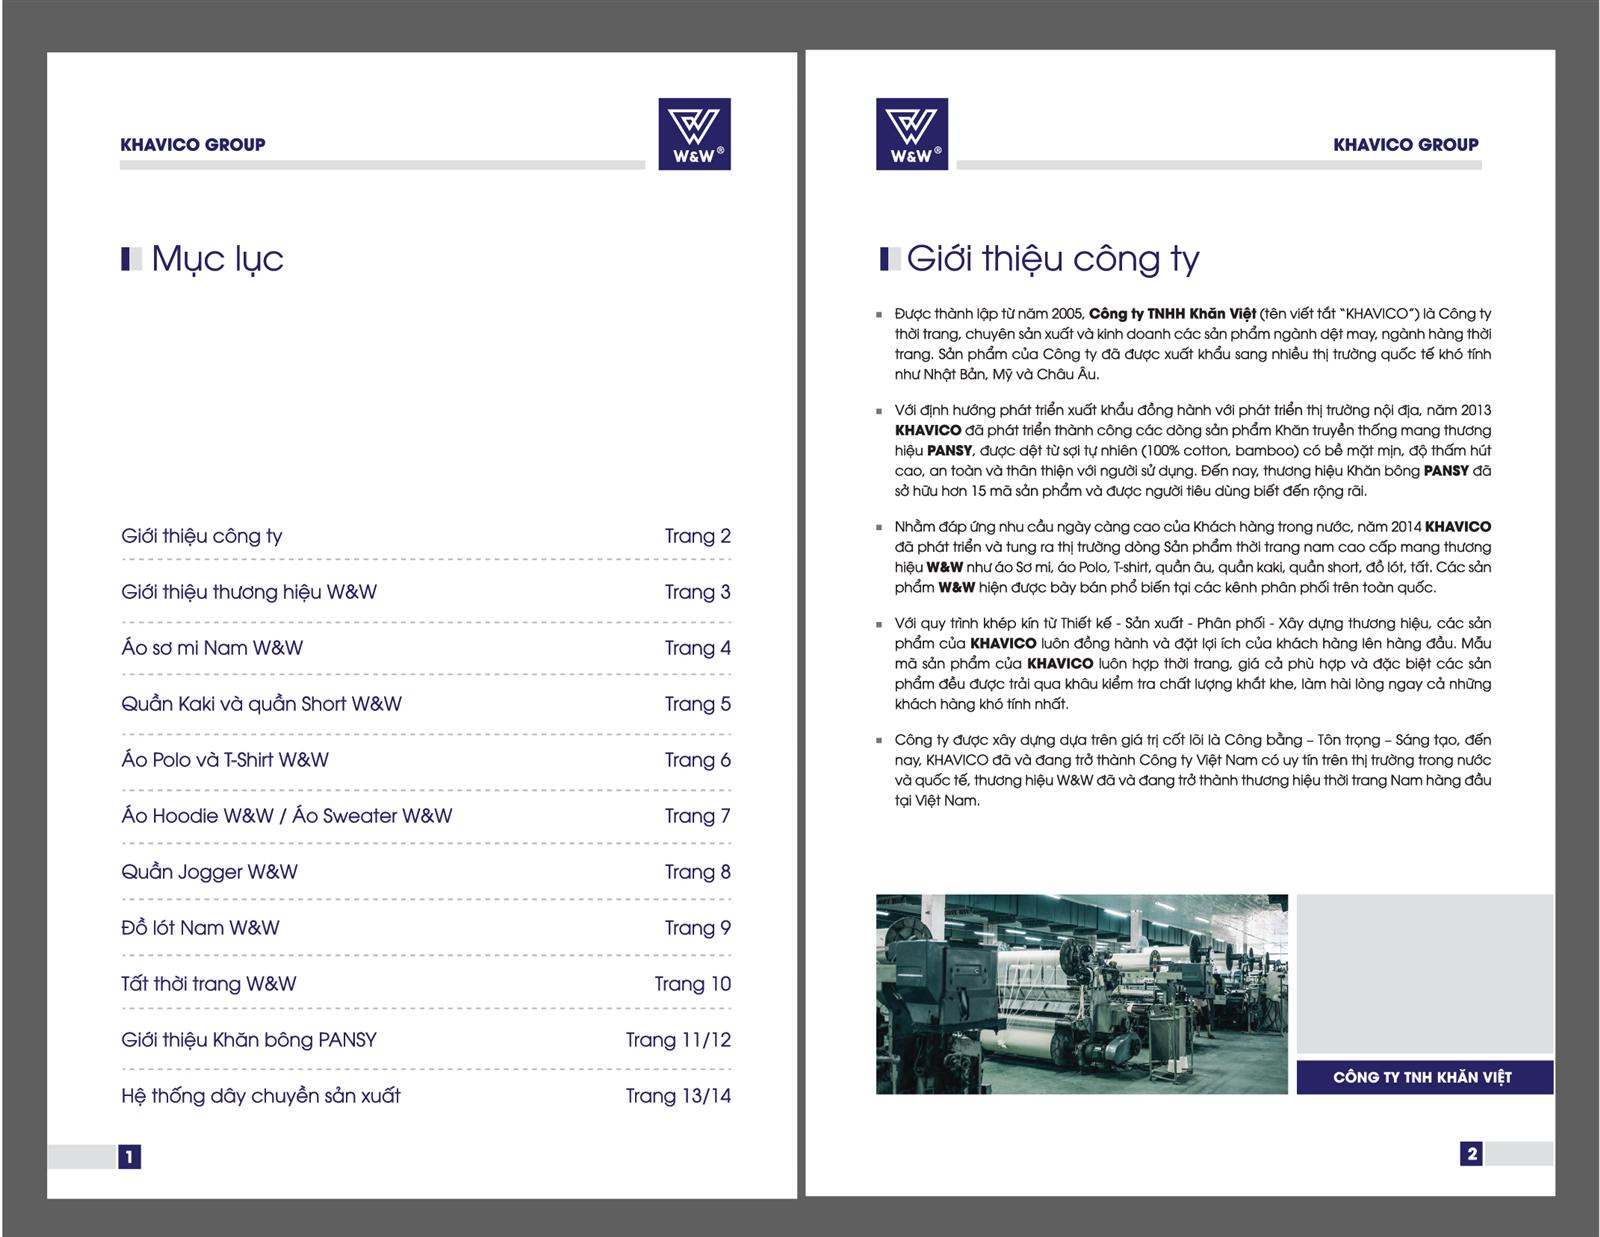 Trang giới thiệu của catalogue nên trình bày trong một trang bao gồm chữ và ảnh.